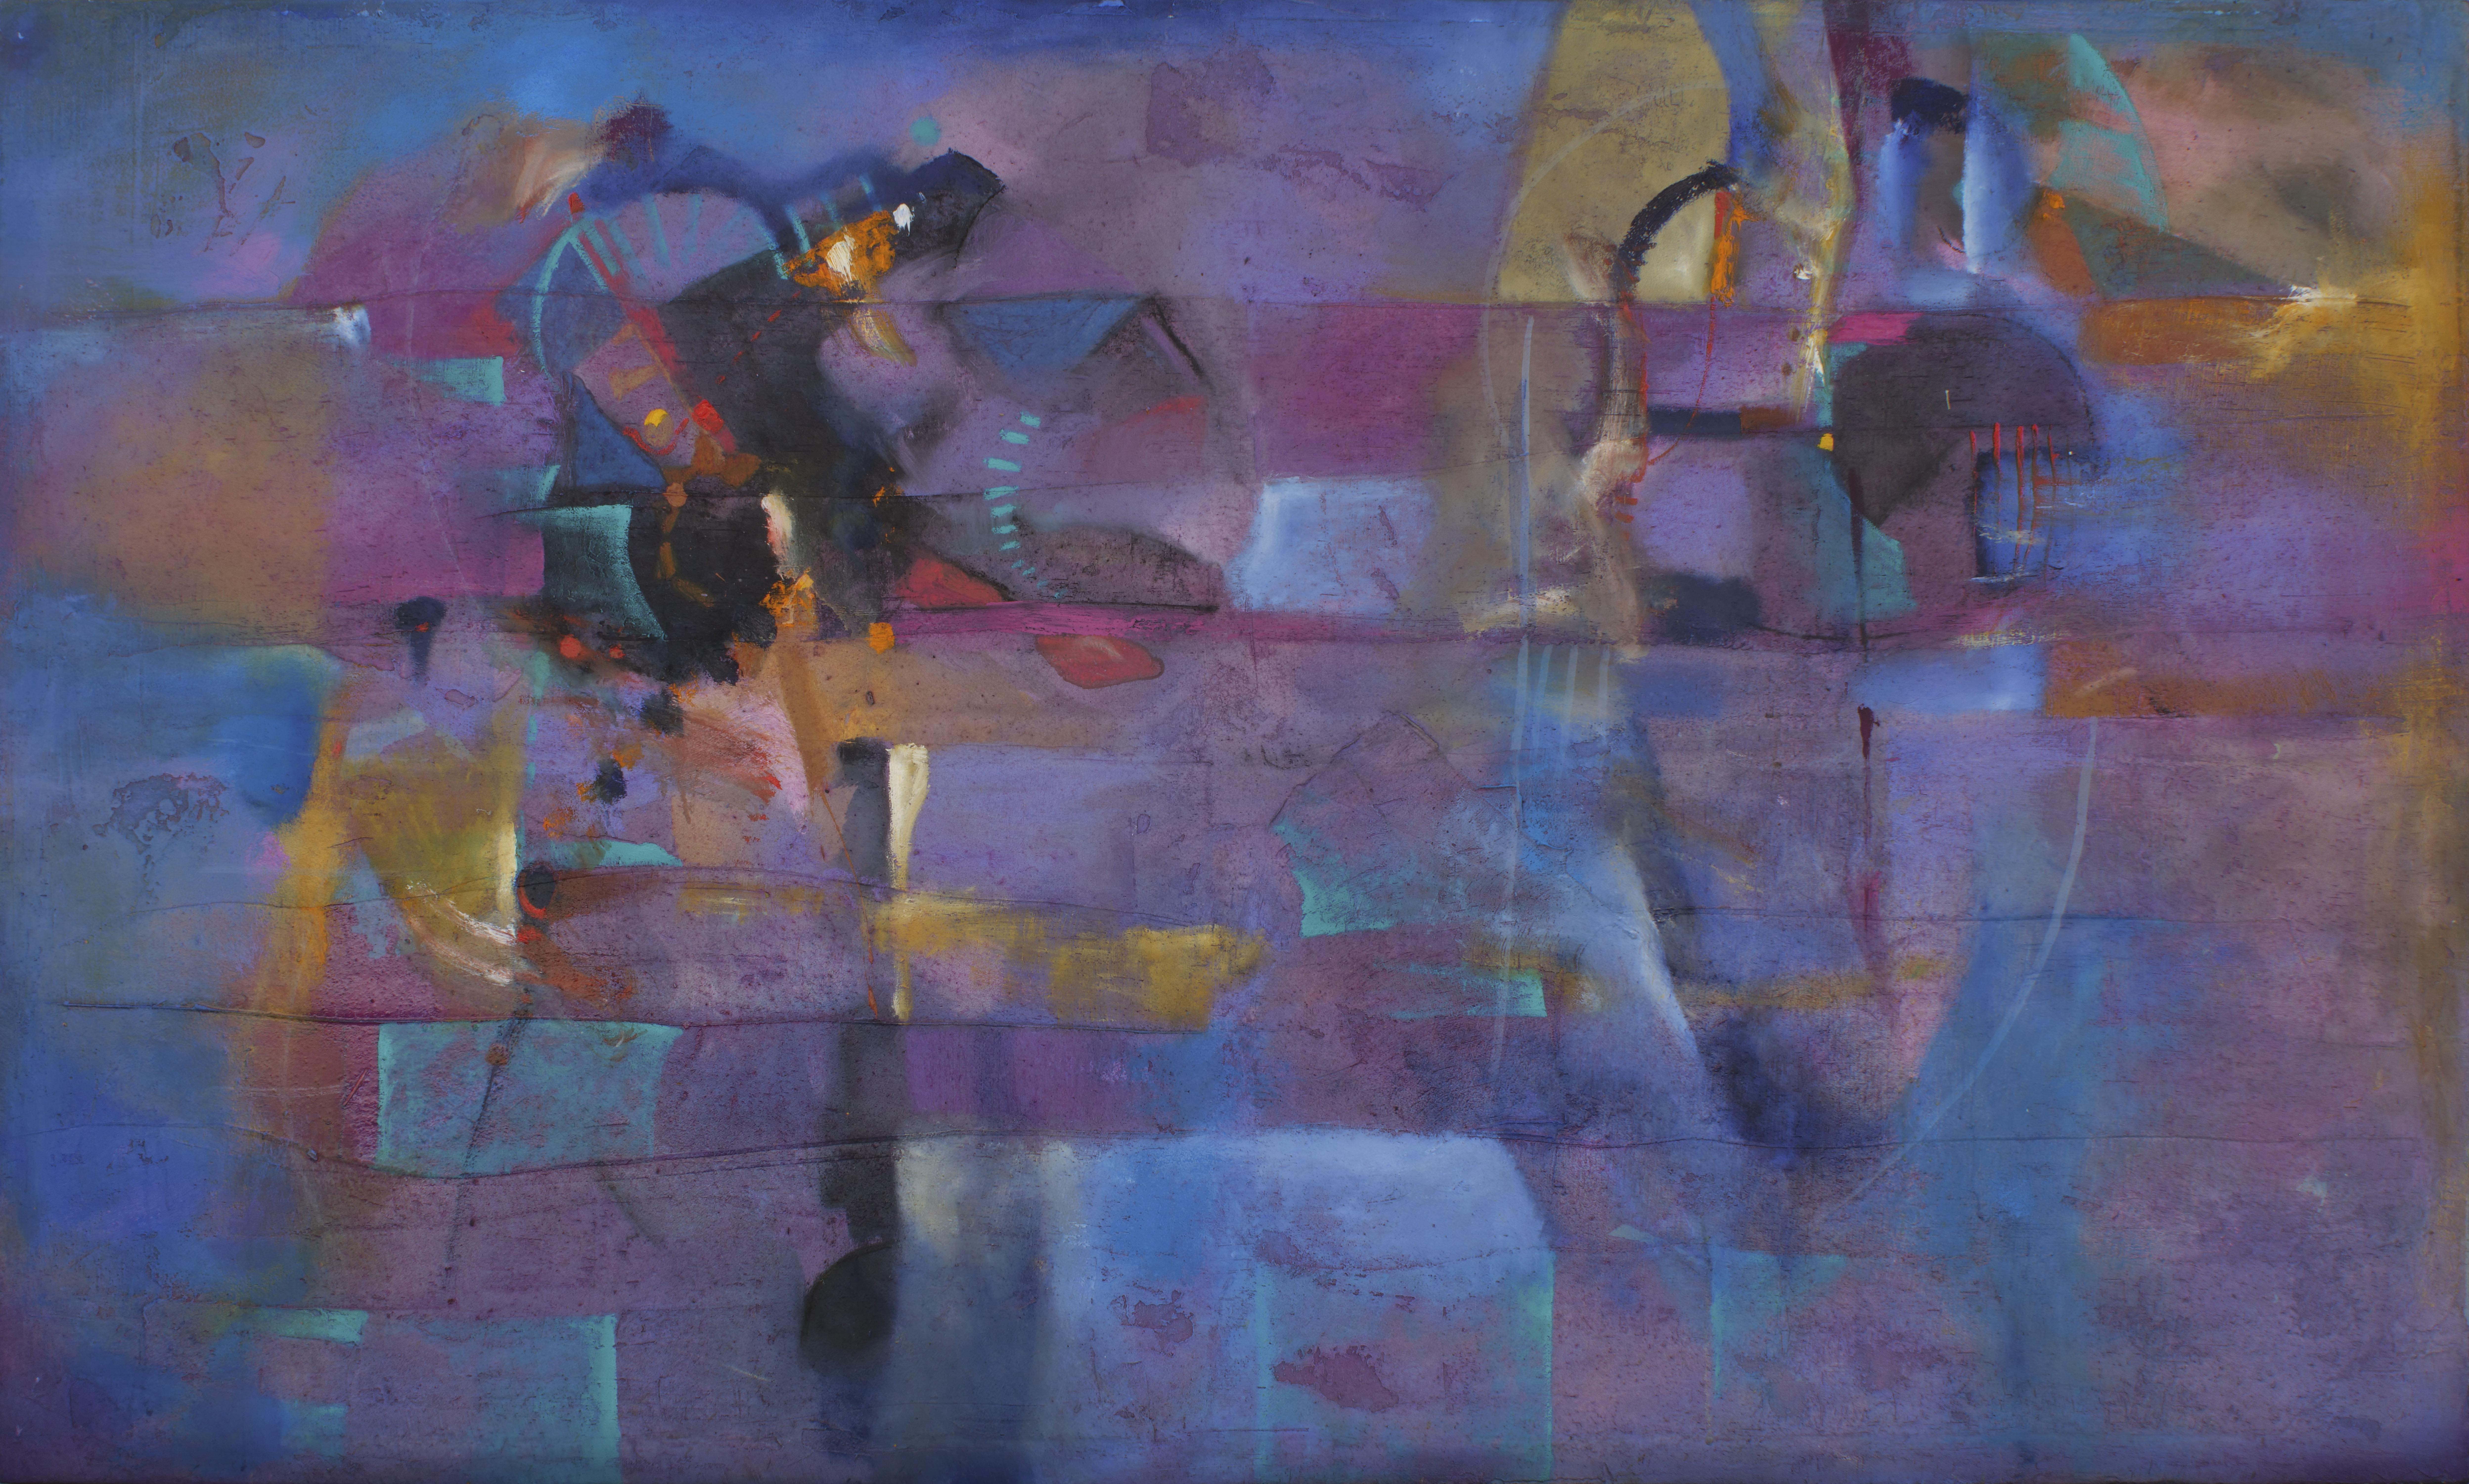 Vibraciones de Andrómeda óleo s/tela 120 x  200 cms. / 47 x 79 inches